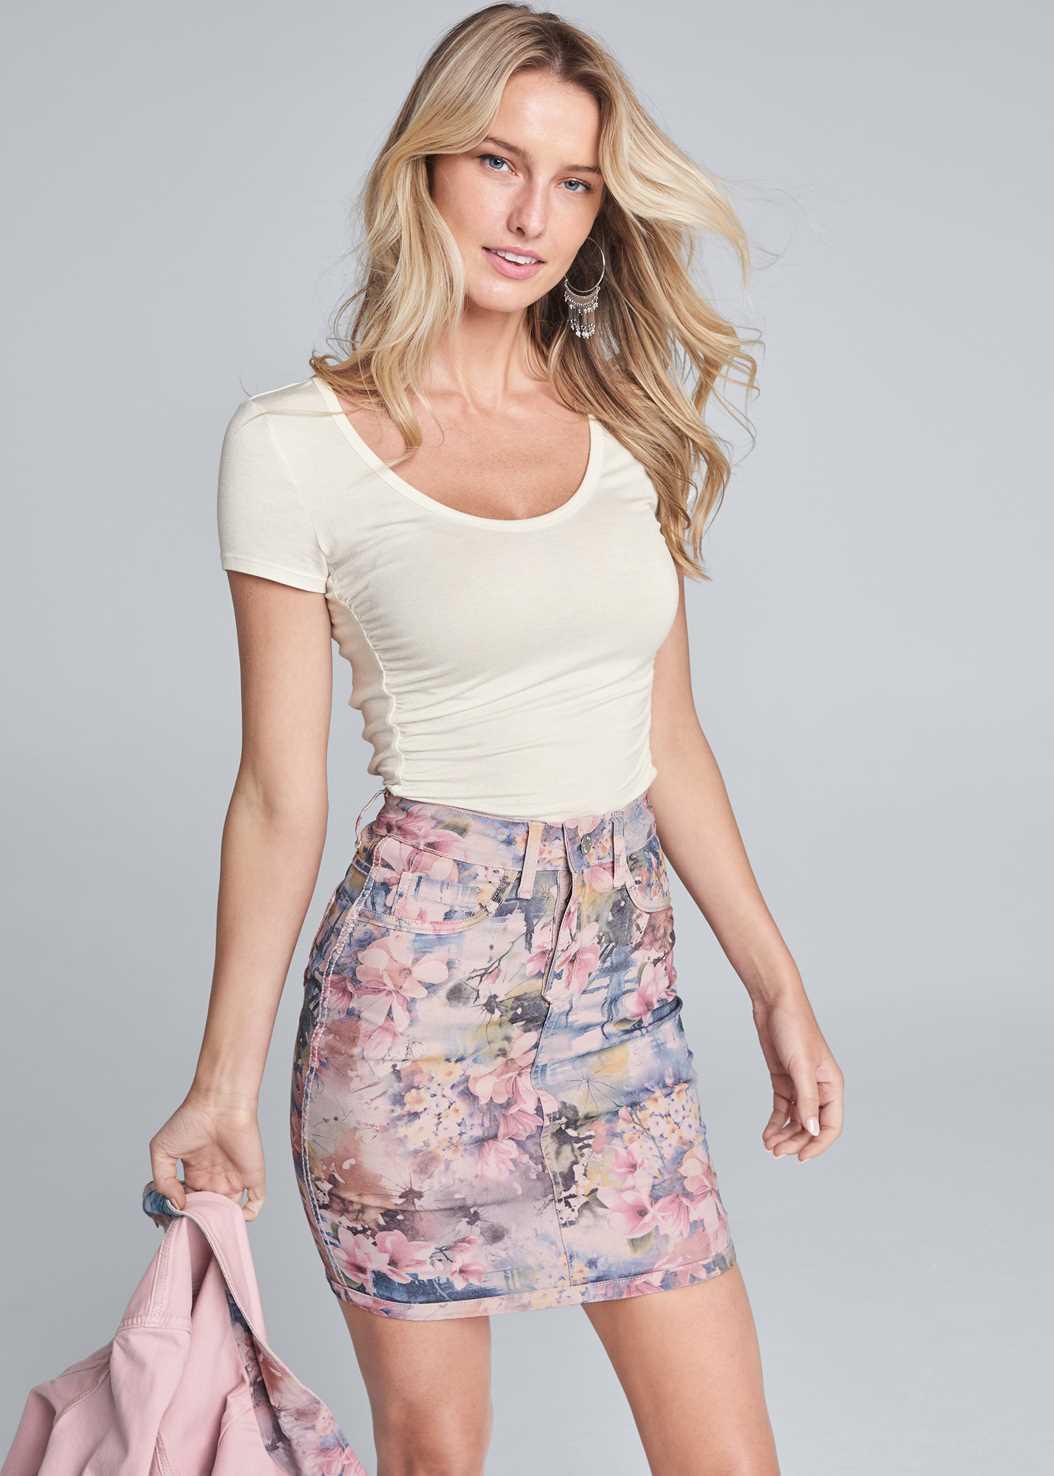 Reversible Skirt,Ruched Detail Top,Double Strap Cork Wedge,Tassel Hoop Earrings